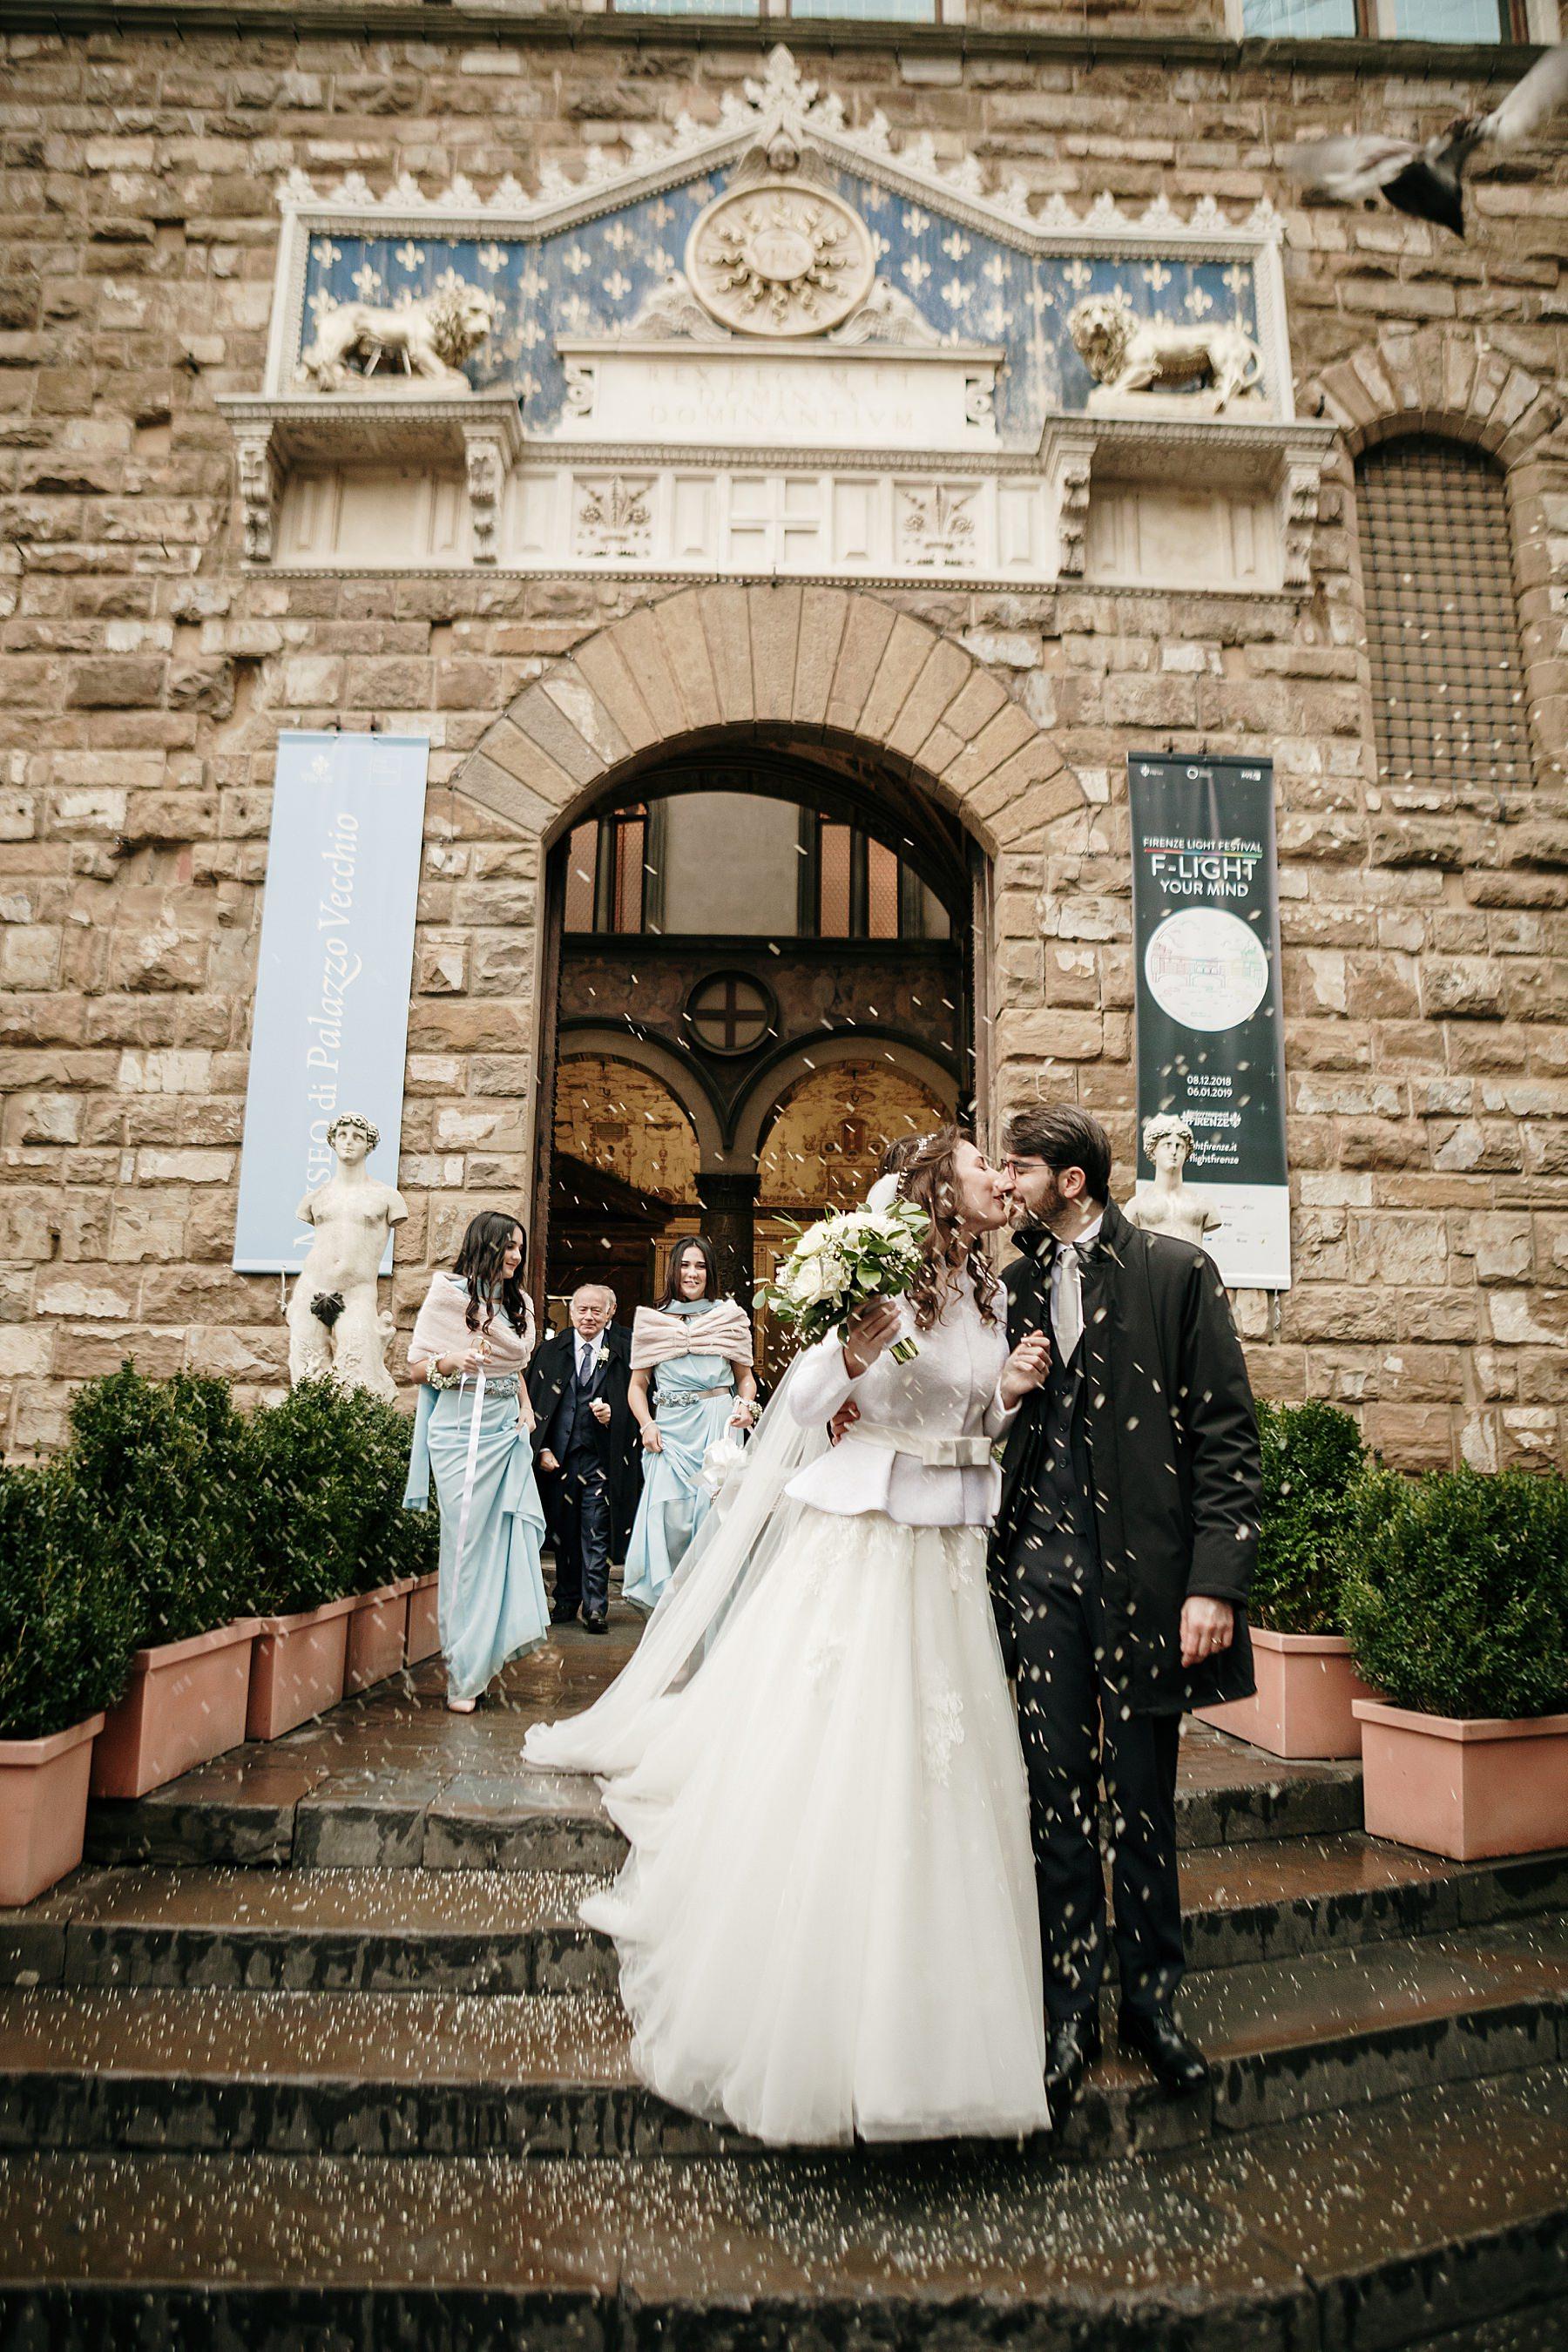 fotografia-di-matrimonio-a-firenze-in-inverno-757.JPG